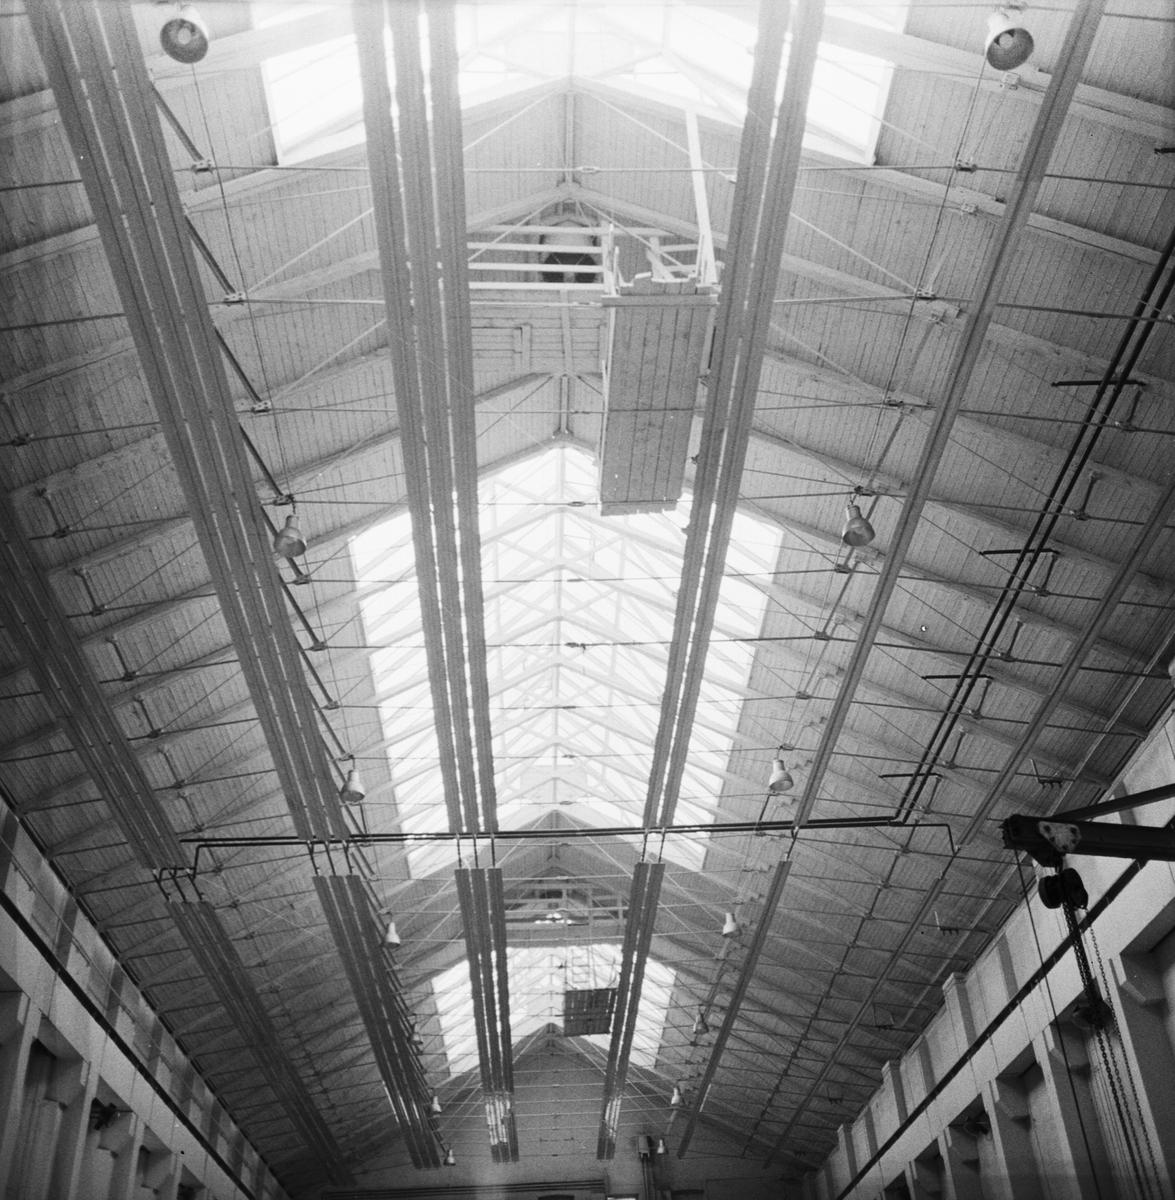 Övrigt: Foto datum: 24/9 1964 Verkstäder och personal. Lärlingsskolan, g:a pannverkstan uppfinning. Närmast identisk bild: V28964 och V28965, ej skannade